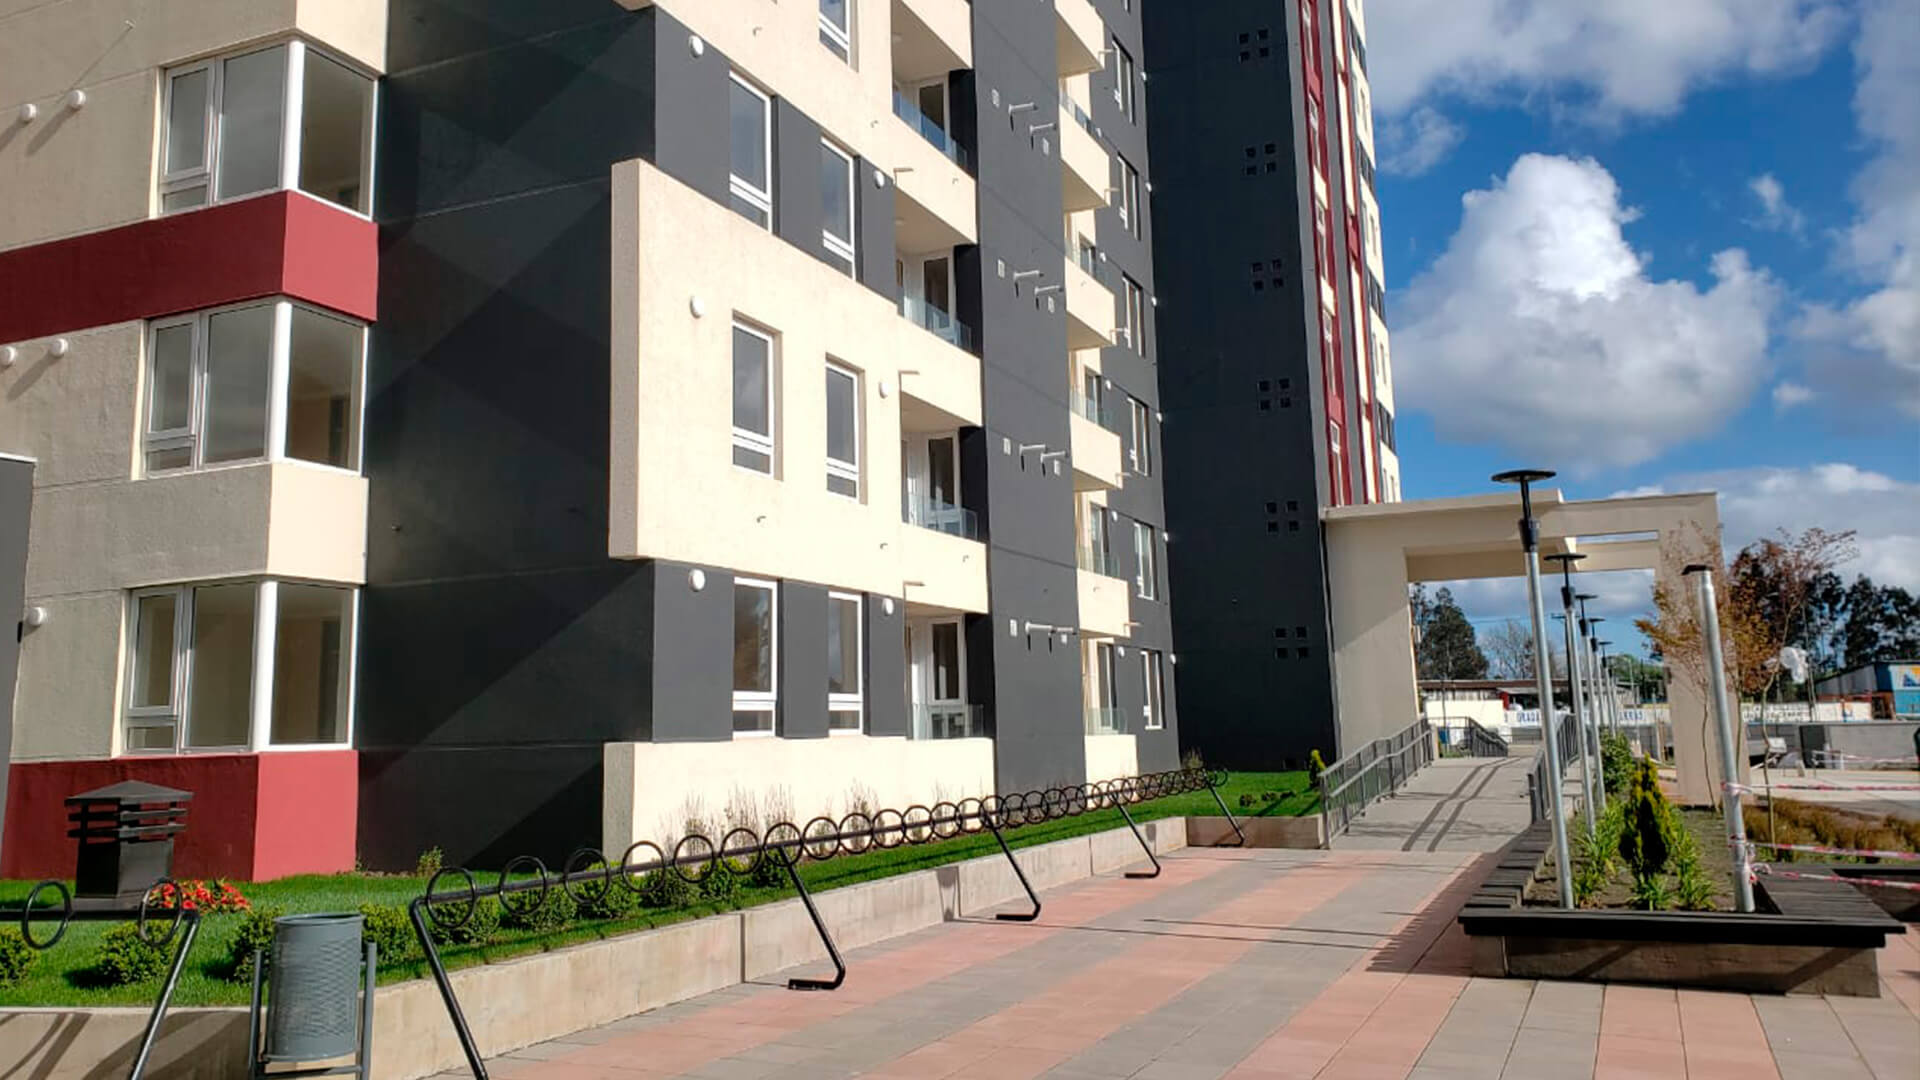 Plaza Parque los Poetas-Avance-exterior